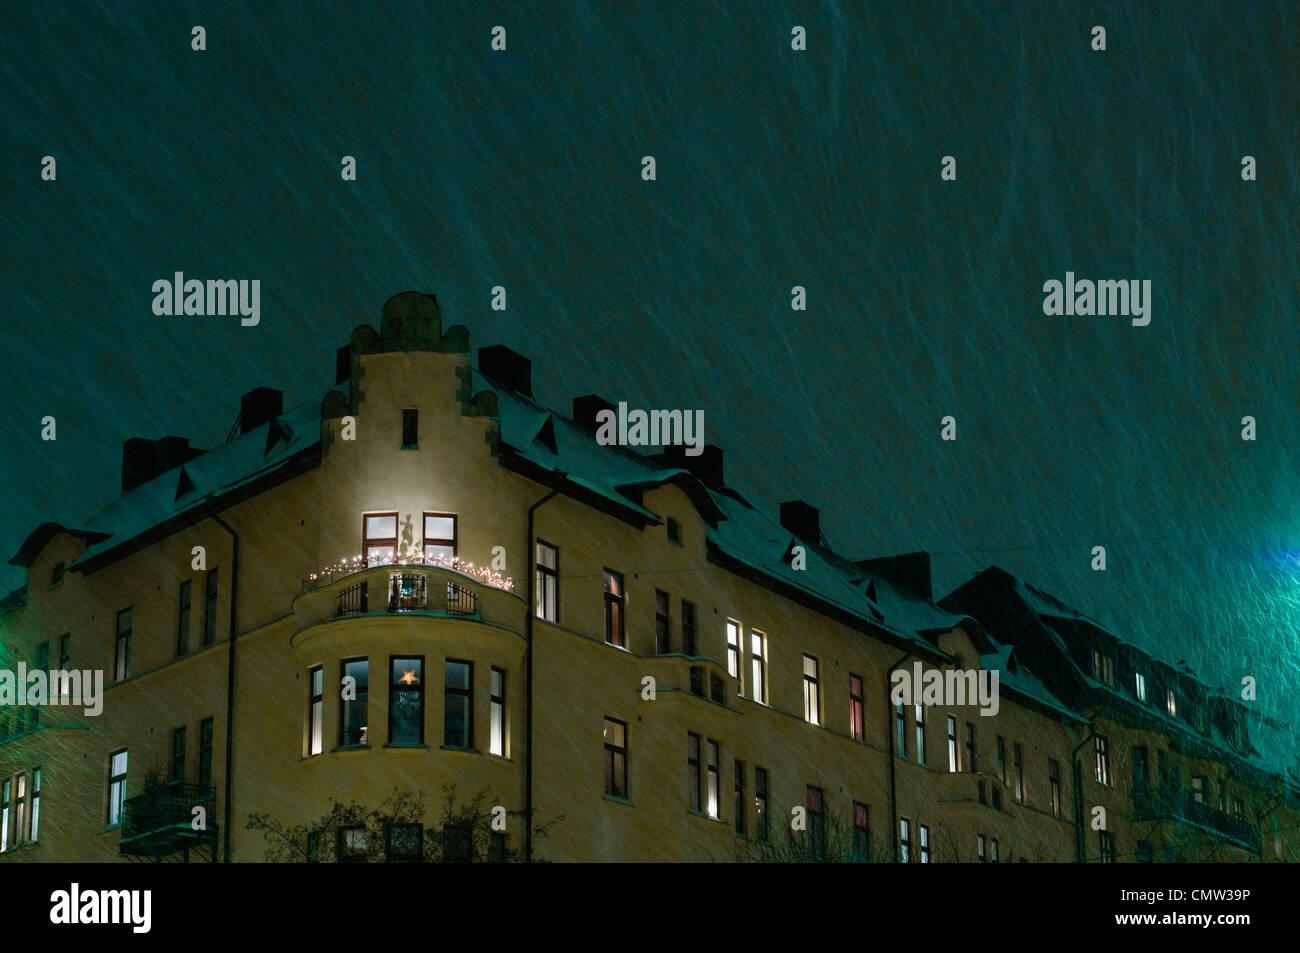 Regentropfen auf Wohnhaus Stockbild